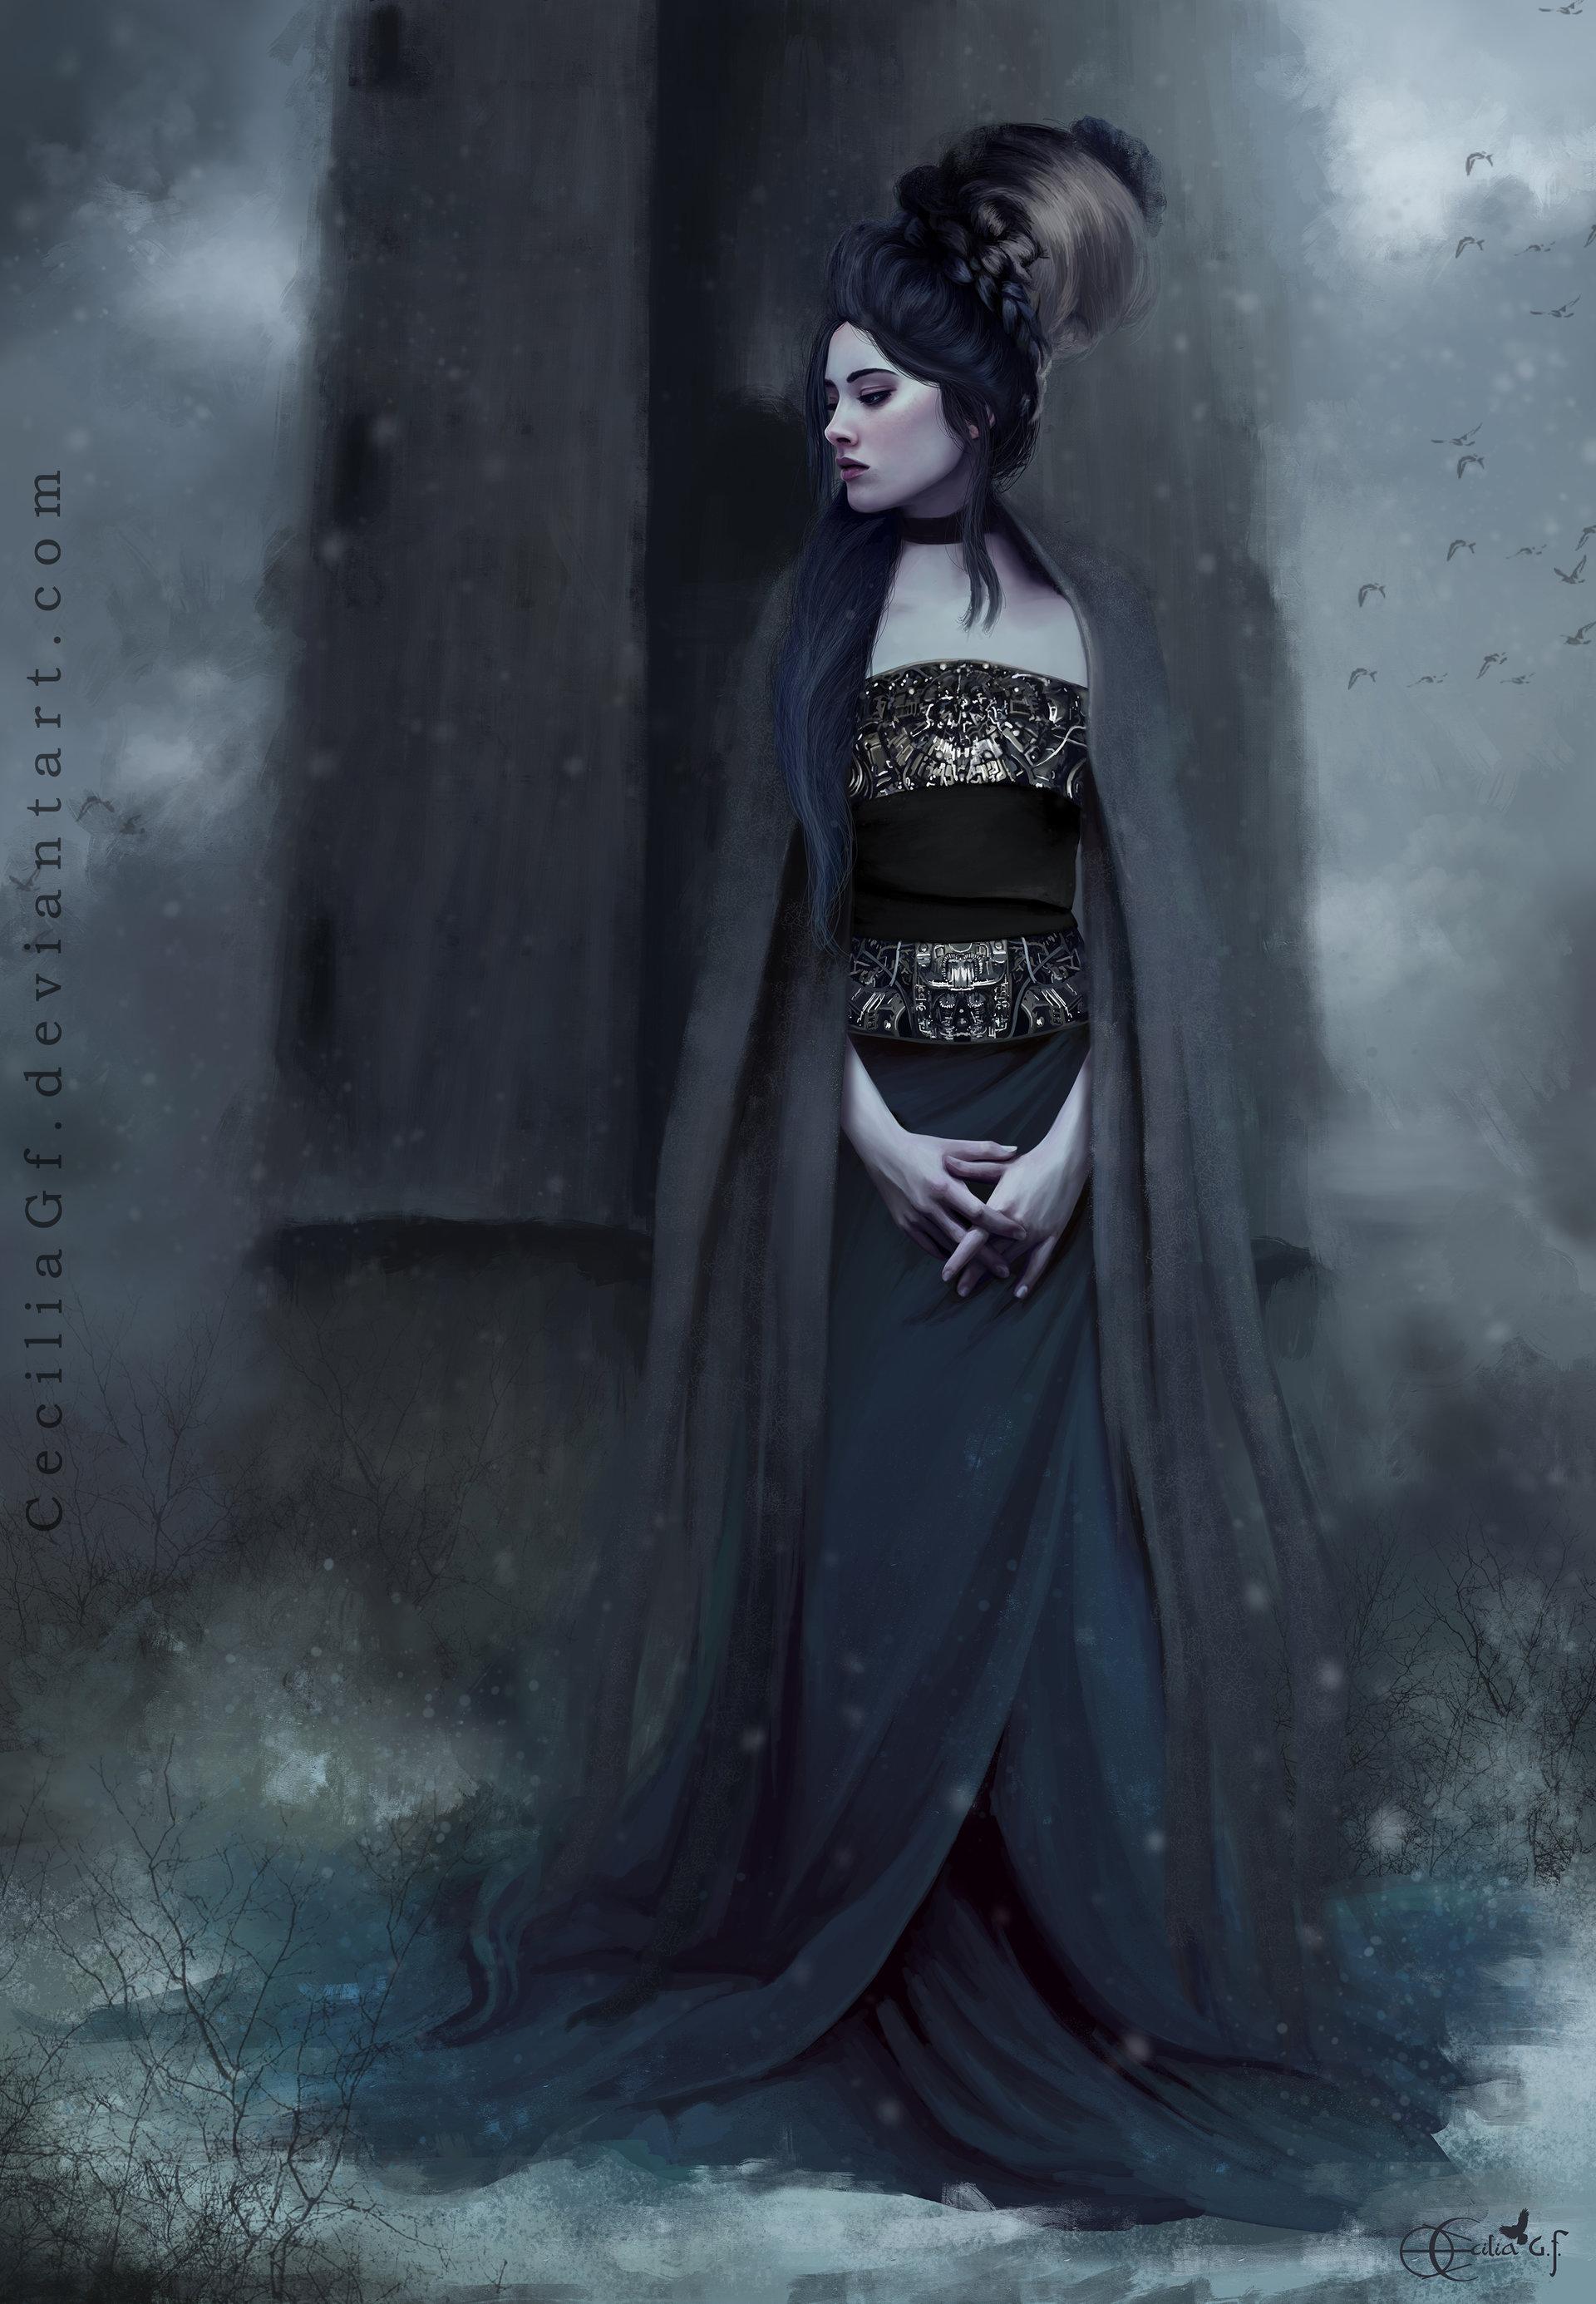 Cecilia gf lisbeth